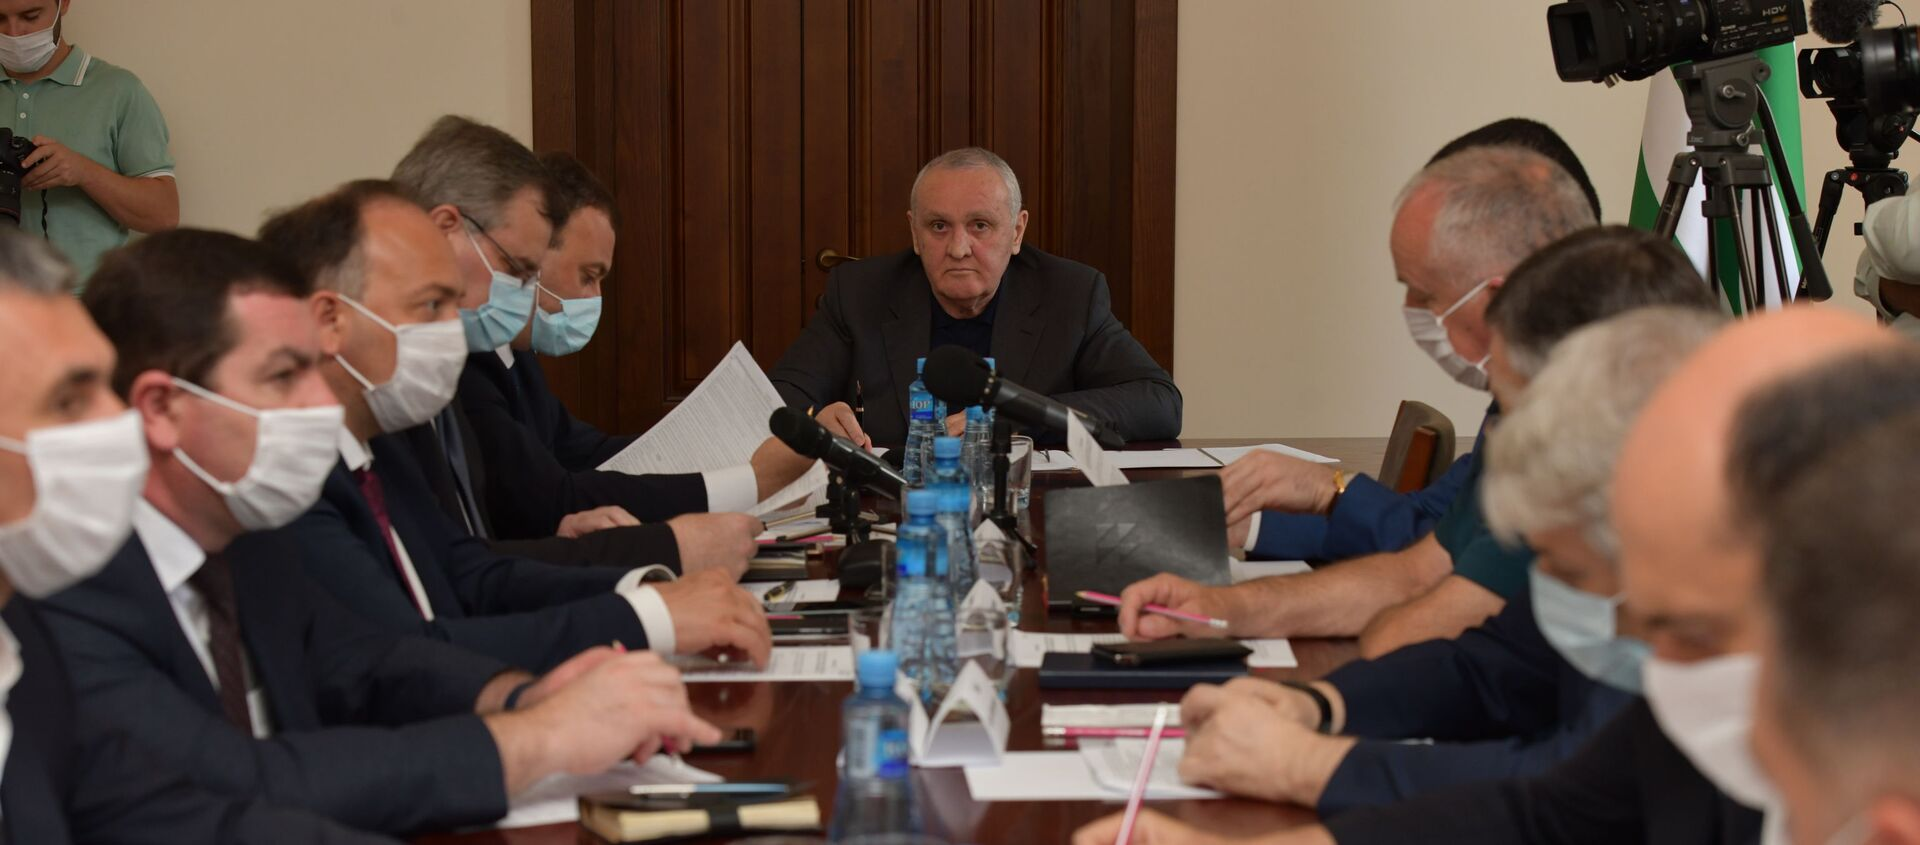 Заседание опершатаба по защите от коронавируса  - Sputnik Абхазия, 1920, 12.08.2021